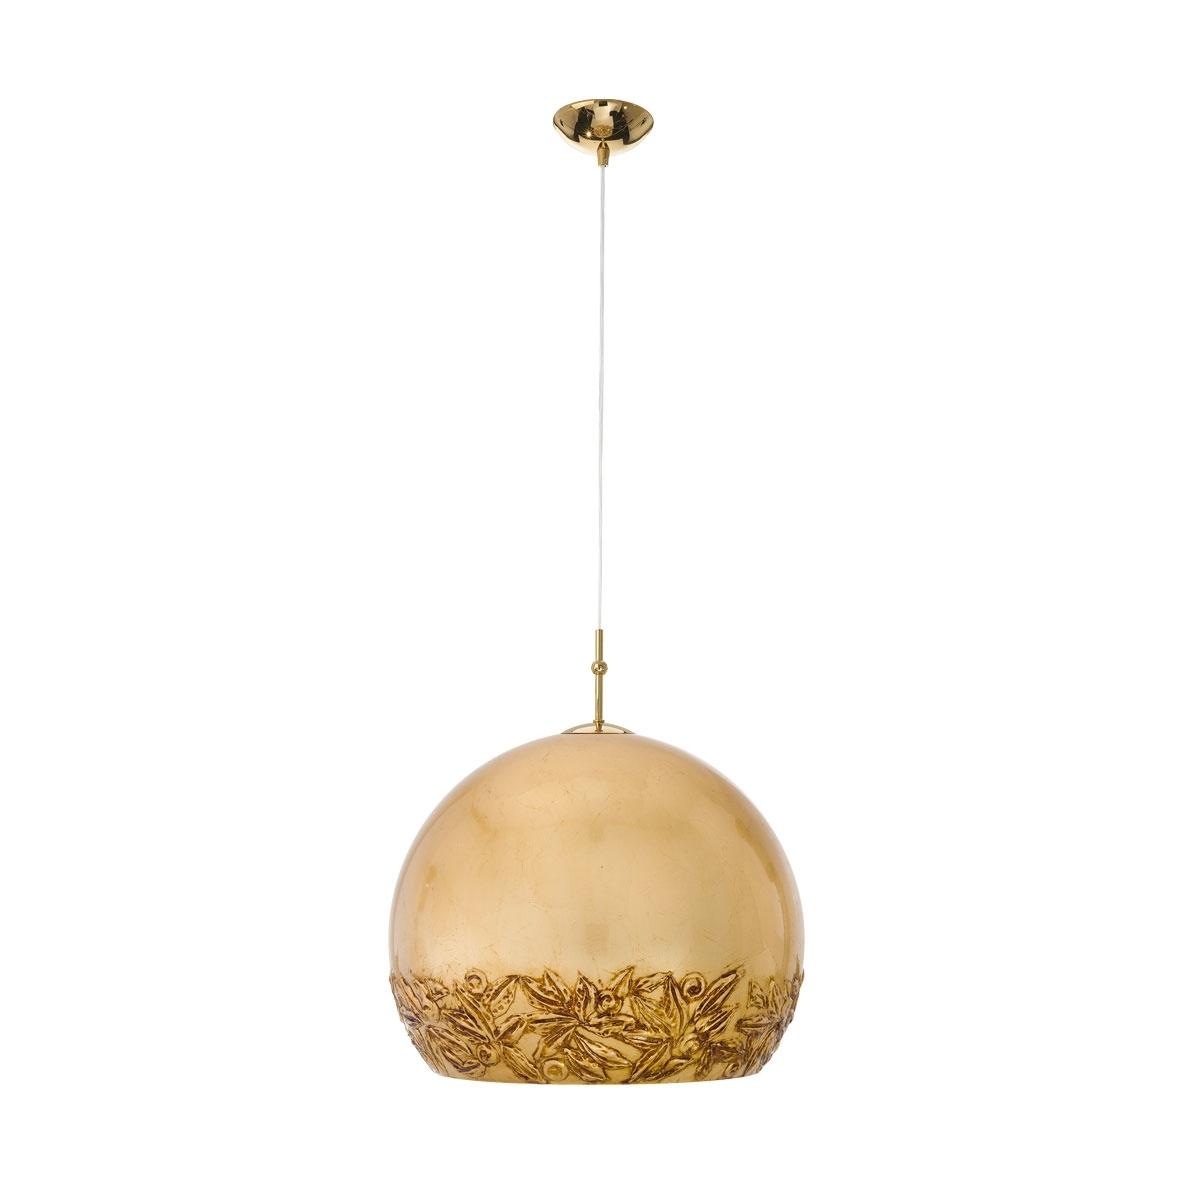 kolarz-pendelleuchte-luna-pl-gold-glas-metall-0392-31l-3-li-ga